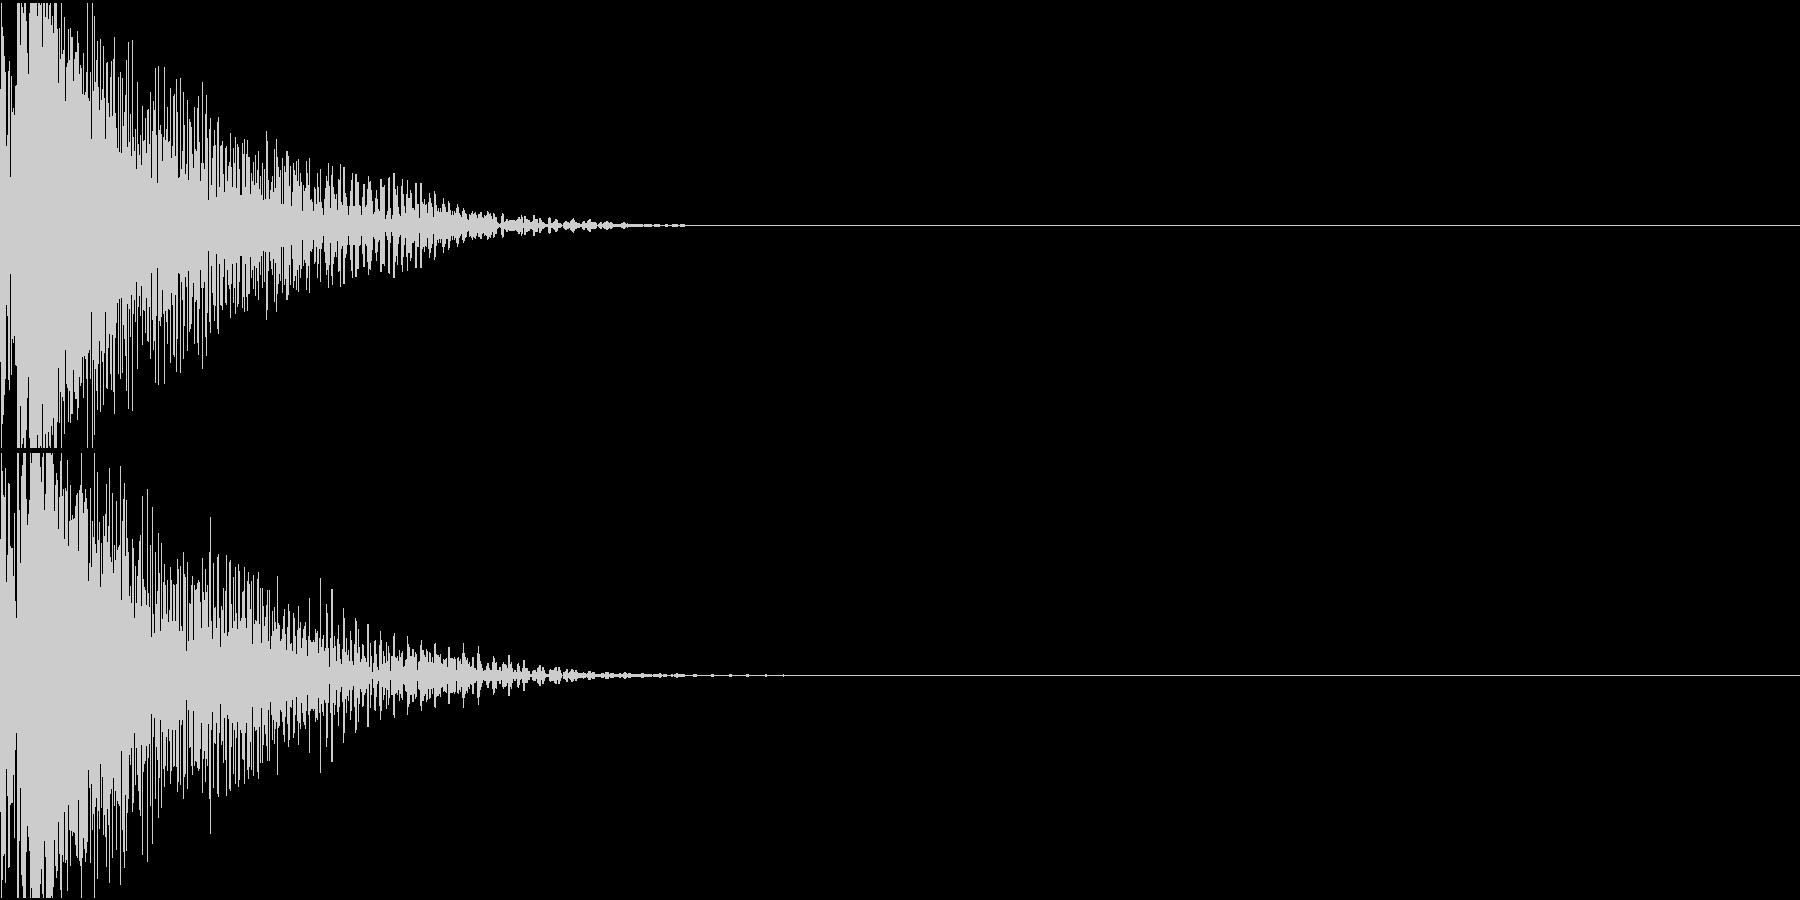 LaserGun レーザーガン 銃撃音の未再生の波形